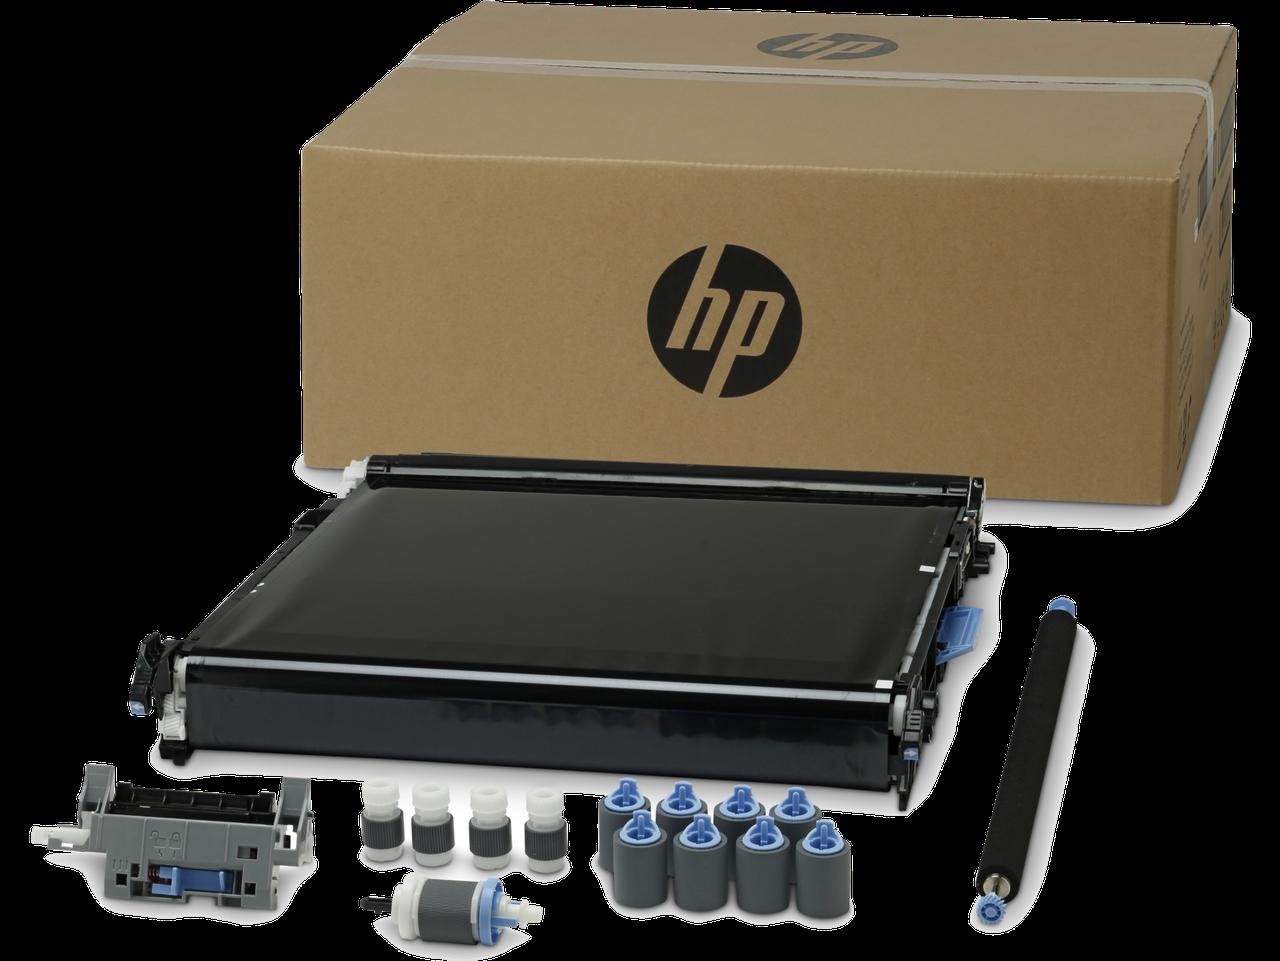 HP CE516A Комплект переноса изображения для цветного лазерного принтера LaserJet M775 MFP, M750, CP5525